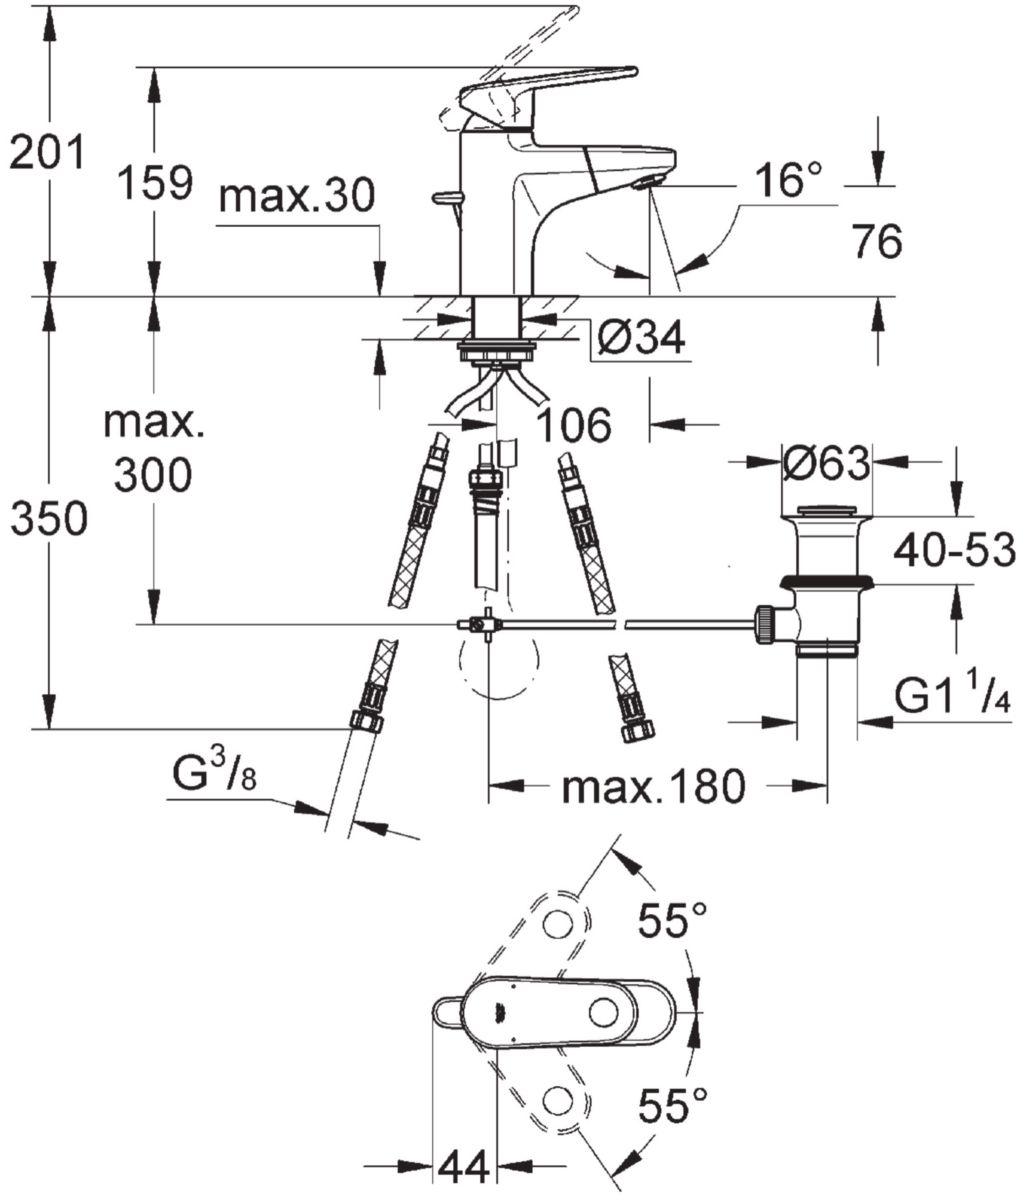 Mitigeur de lavabo EUROPLUS monocommande 15 x 21, monotrou, bec extractible avec mousseur, tirette et garniture de vidage 33 x 42, chromé ré